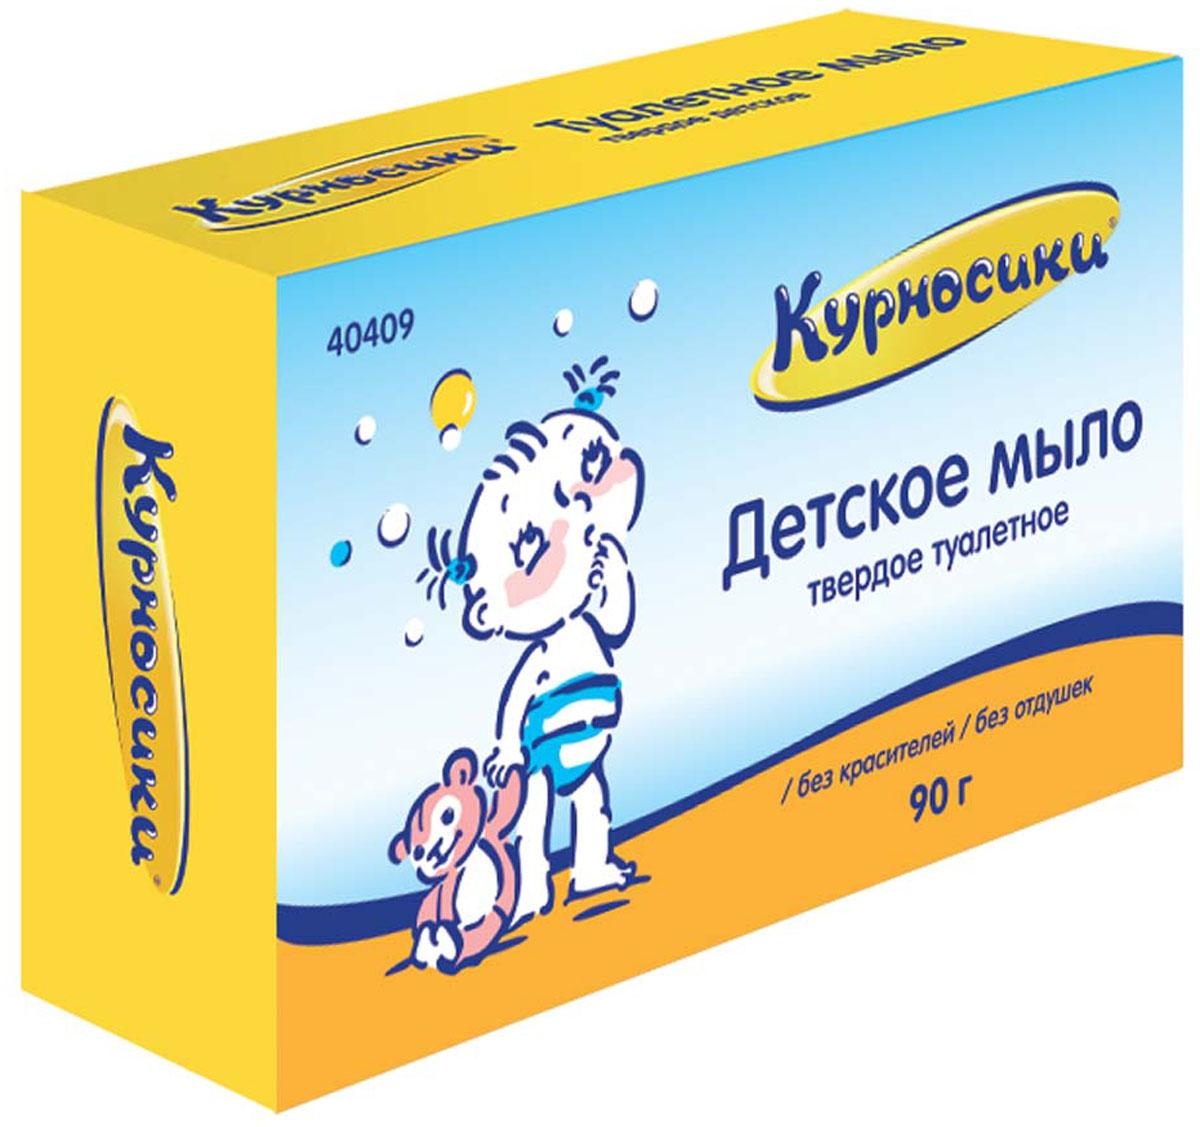 Курносики Мыло Детское 90 гMFM-3101Мыло детское Курносики специально разработано для ухода за самой нежной и чувствительной кожей новорожденных. Детское мыло мягко и бережно очищает кожу малыша. Мыло изготовлено из высококачественных натуральных компонентов, не содержит красителей и ароматизаторов, подходит для ежедневного ухода за кожей детей и взрослых. Мыло не содержит красителей и отдушек. Рекомендуемый возраст: от 0 месяцев. Товар сертифицирован.